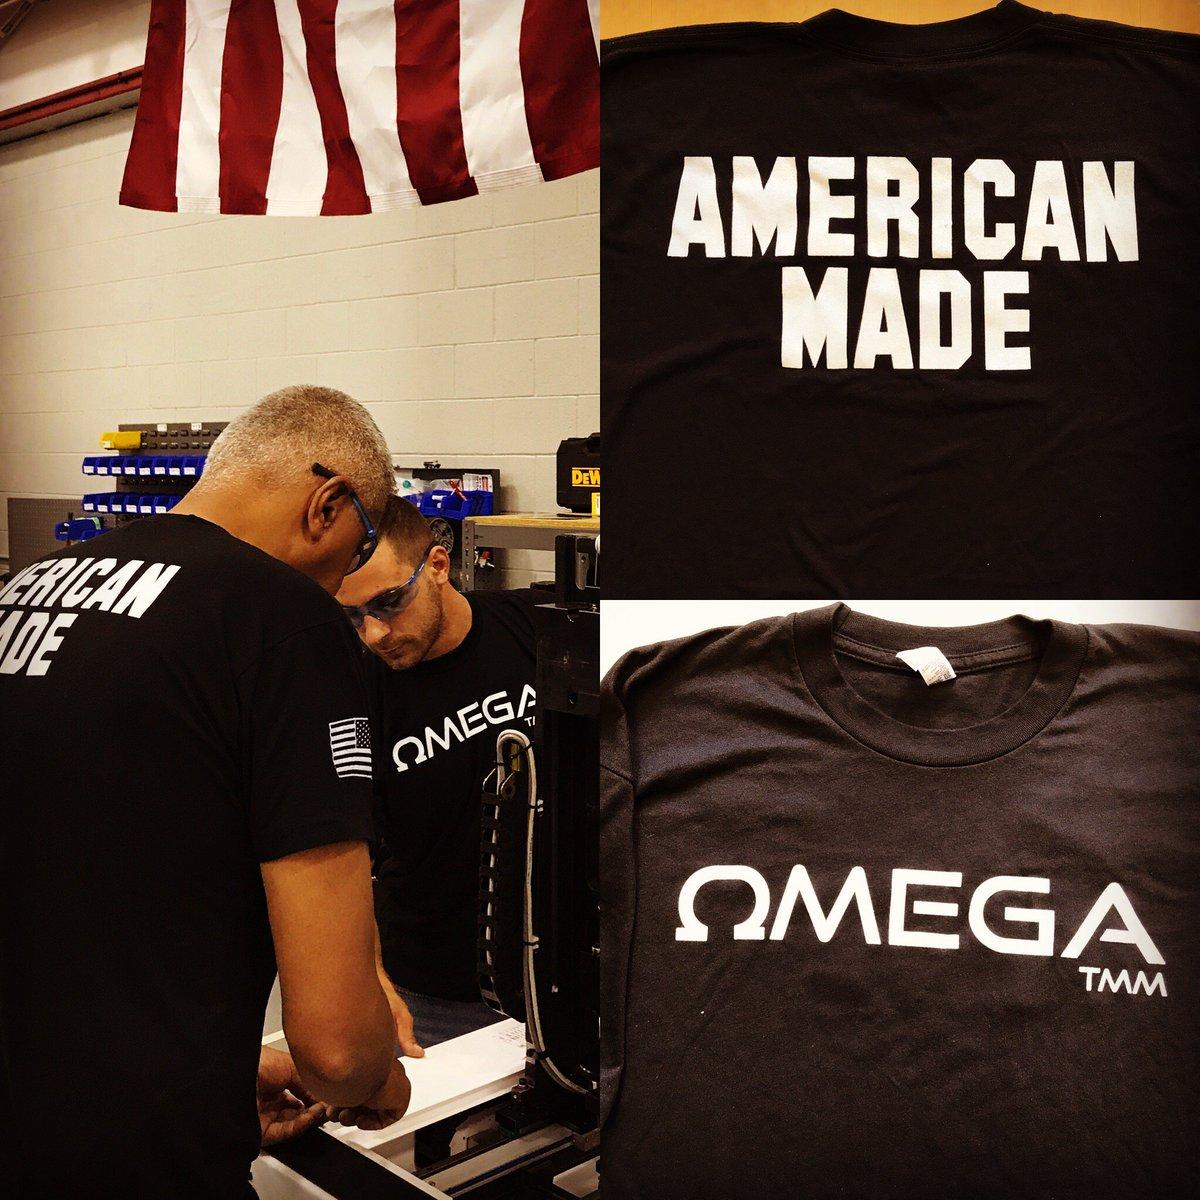 Omega_TMM photo